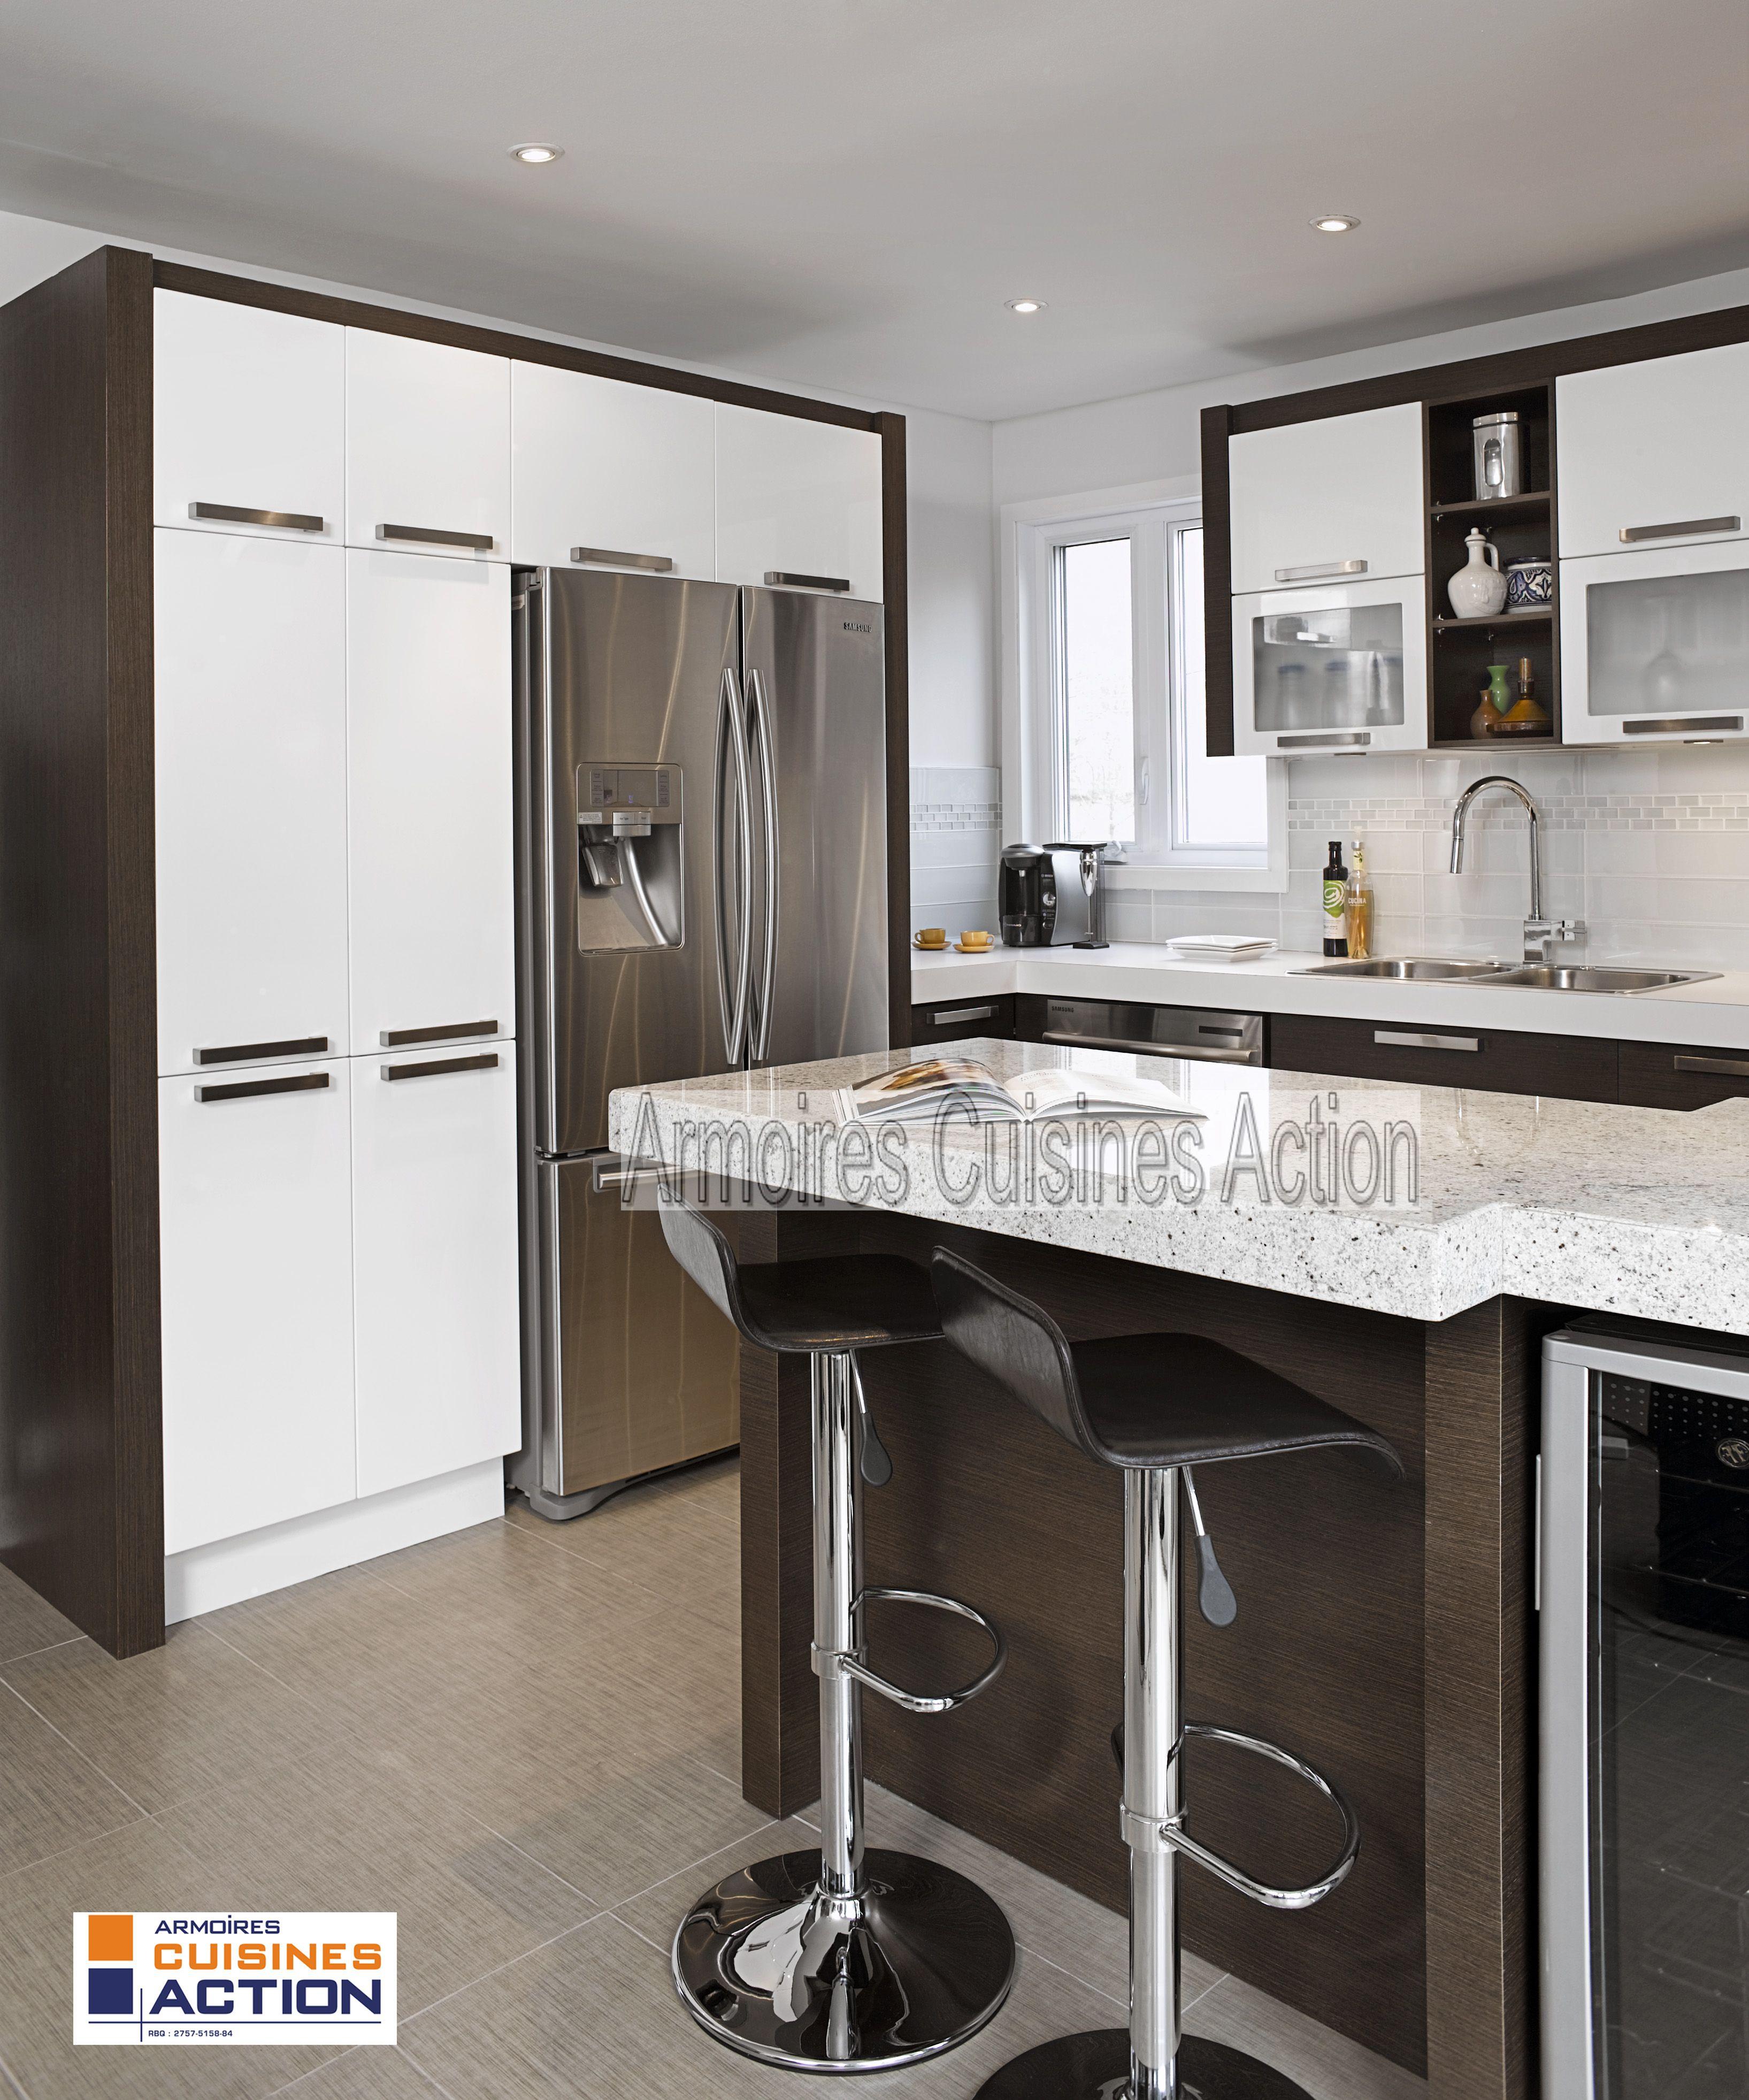 de l 39 espace de rangement en voil cuisine pinterest espace de placards rangement et. Black Bedroom Furniture Sets. Home Design Ideas